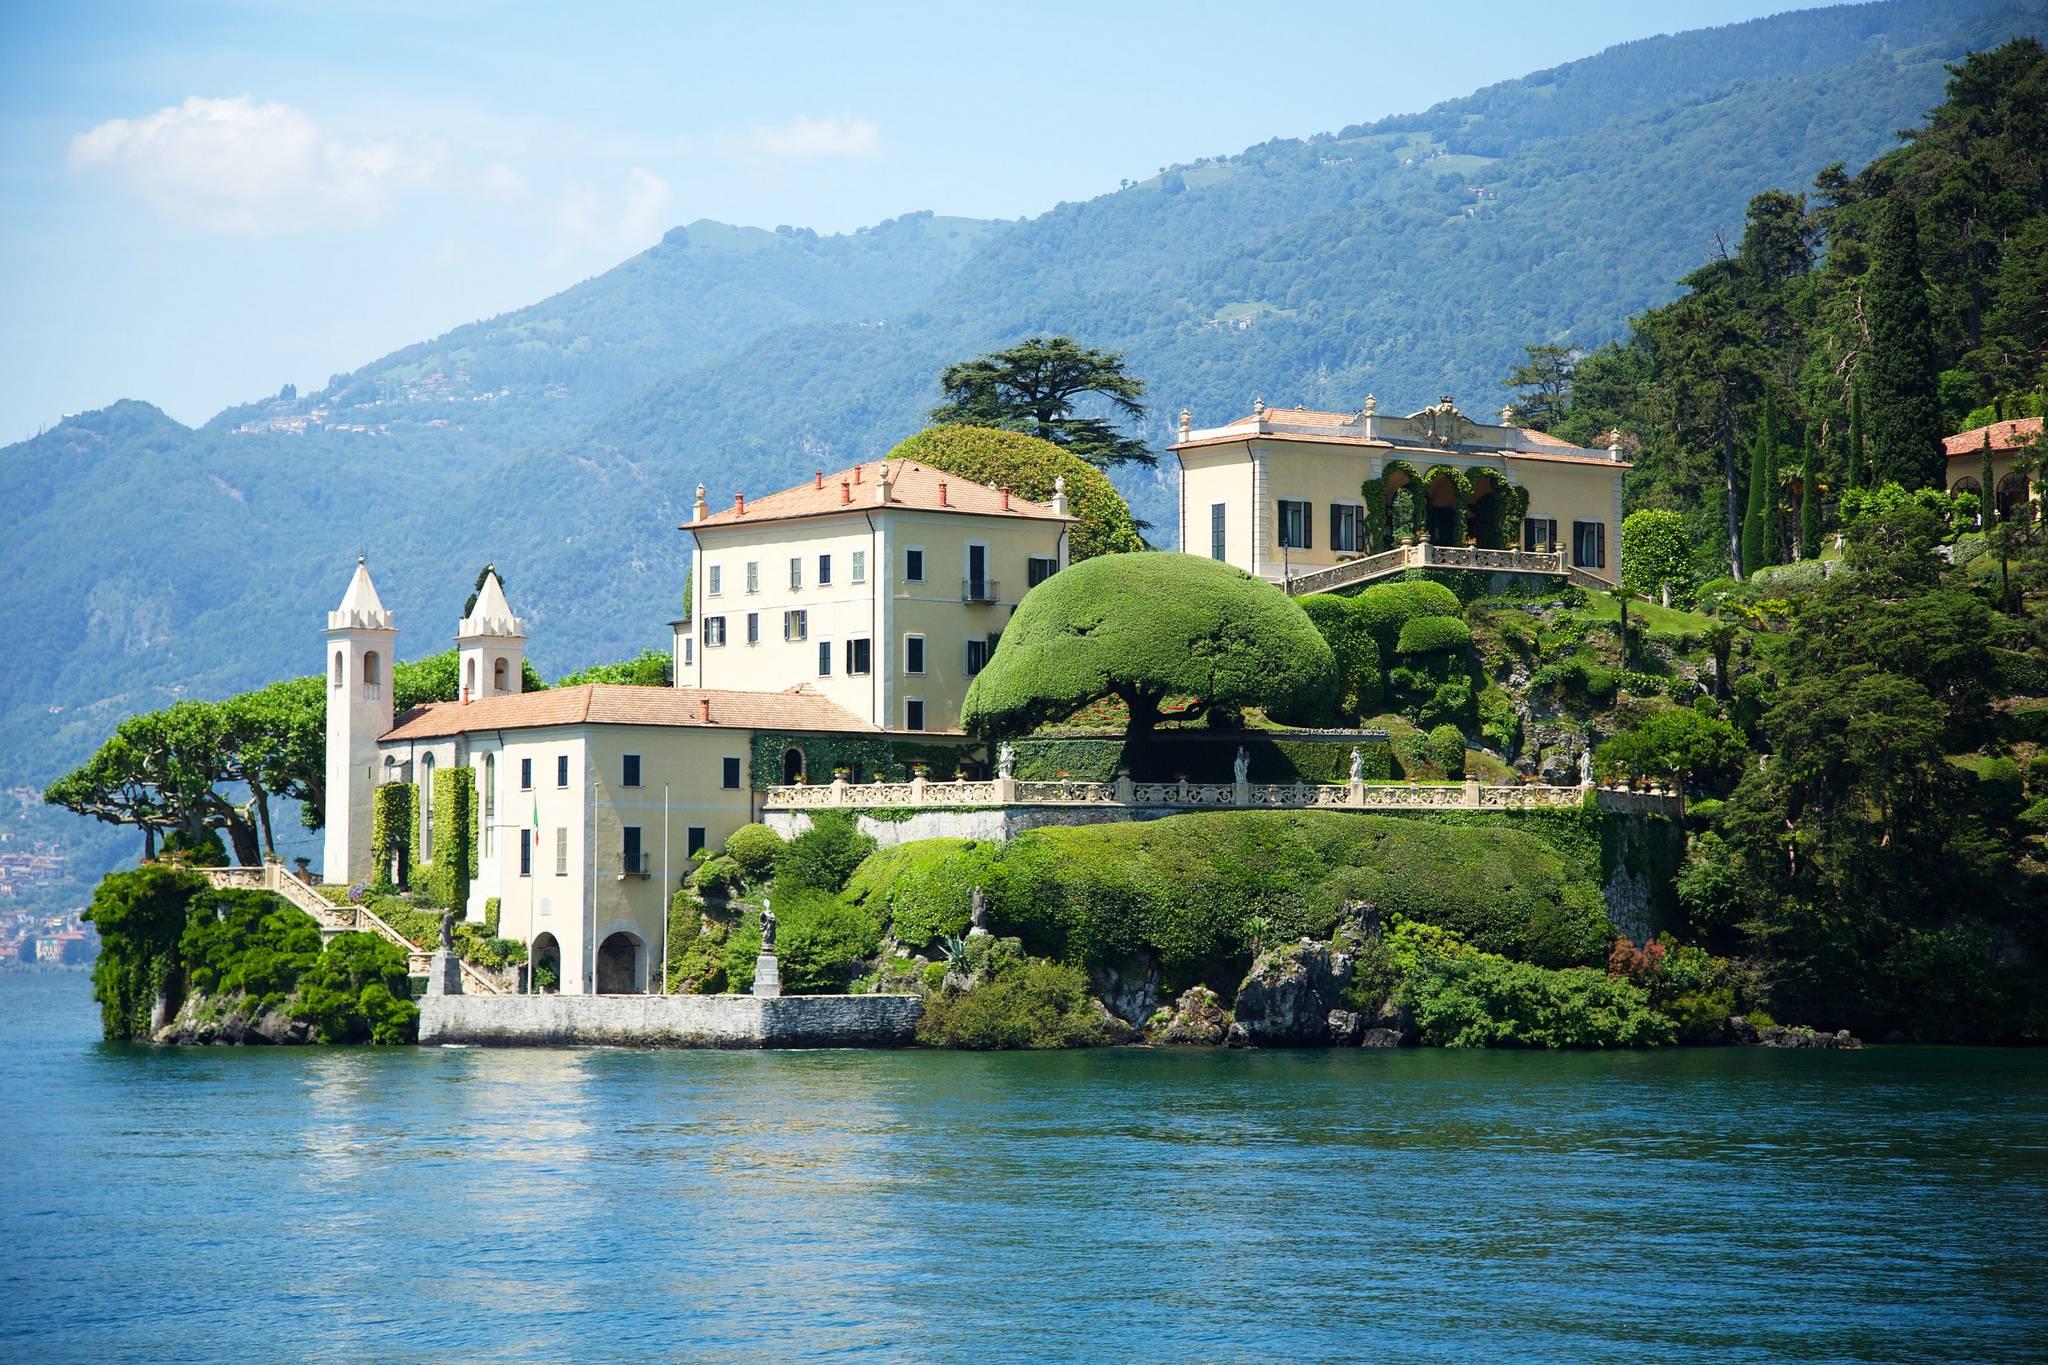 Ristorante Hotel Villa Belvedere - 22010 Argegno - Alberghi